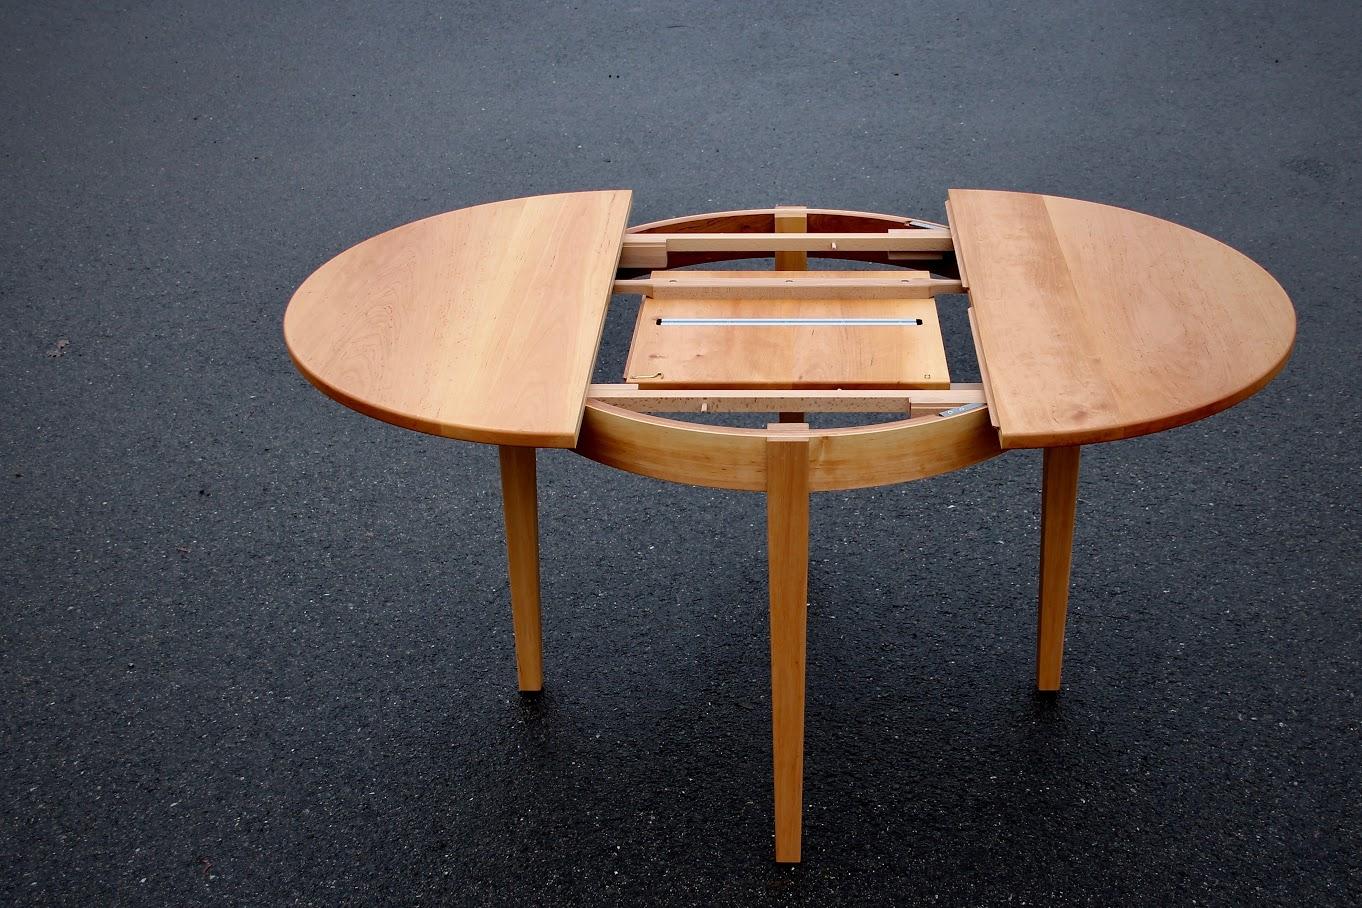 Runder Tisch Mit Integrierter Verlängerung Sinnesmagnet